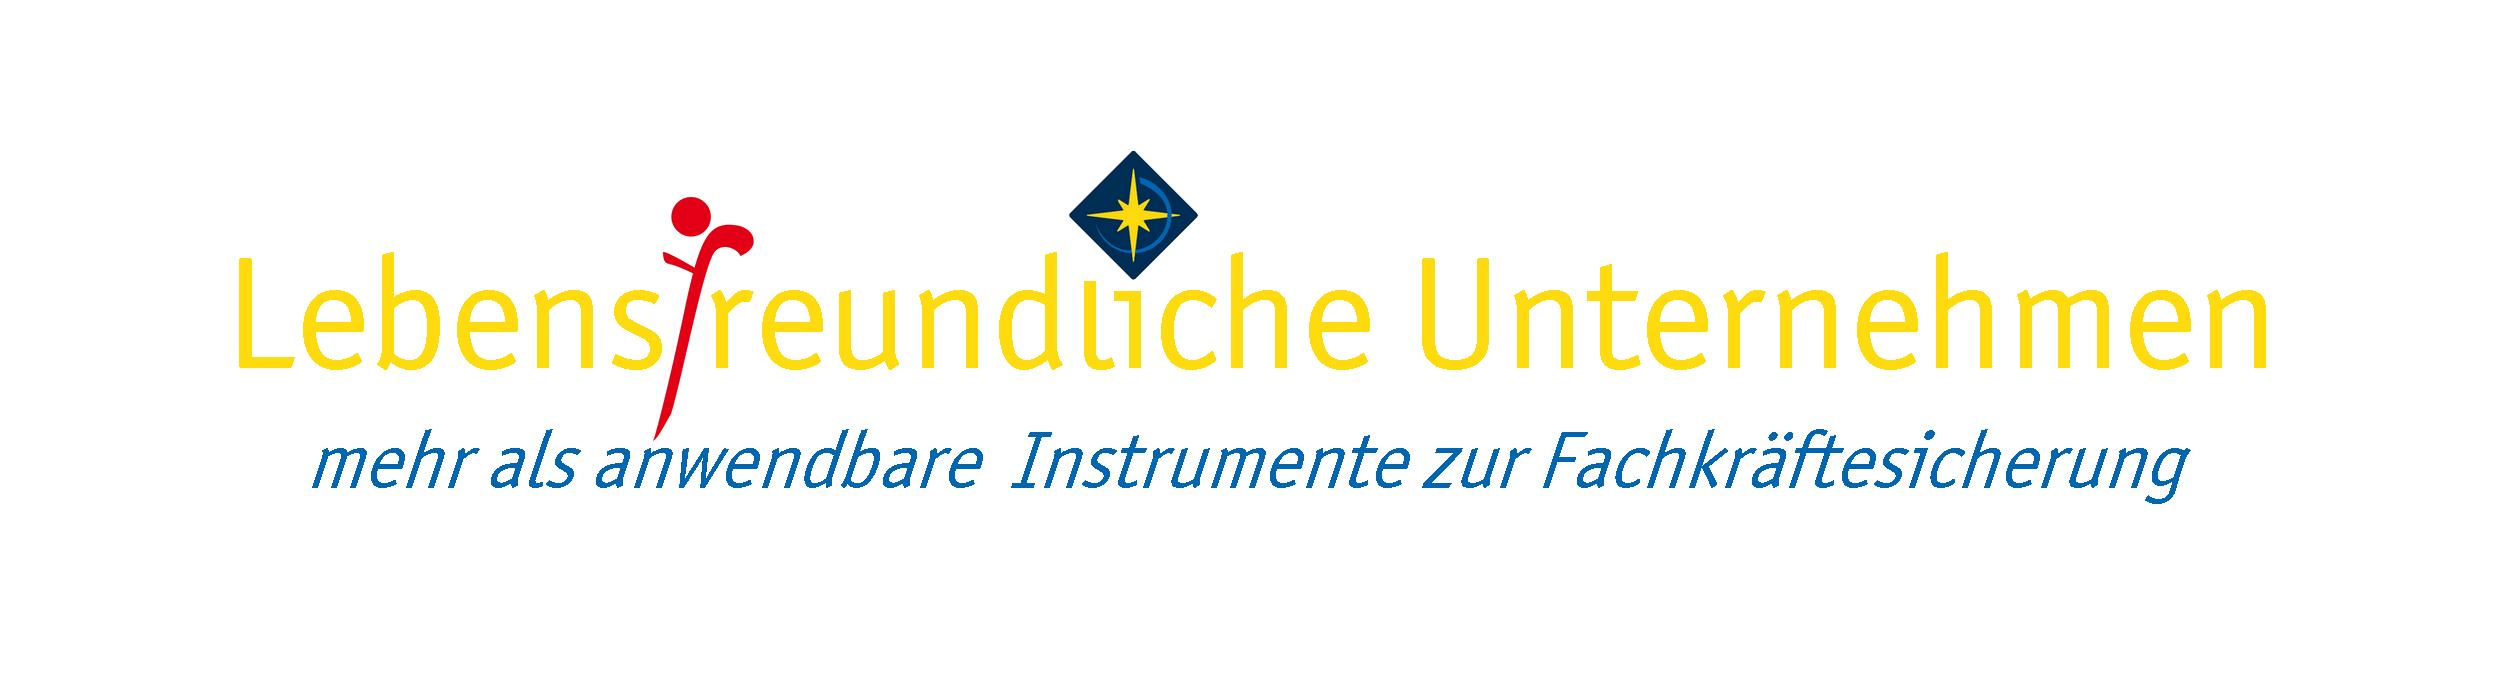 Noch einmal: Workshops zur Bindung und Gewinnung von Mitarbeitern starten im Landkreis Meißen